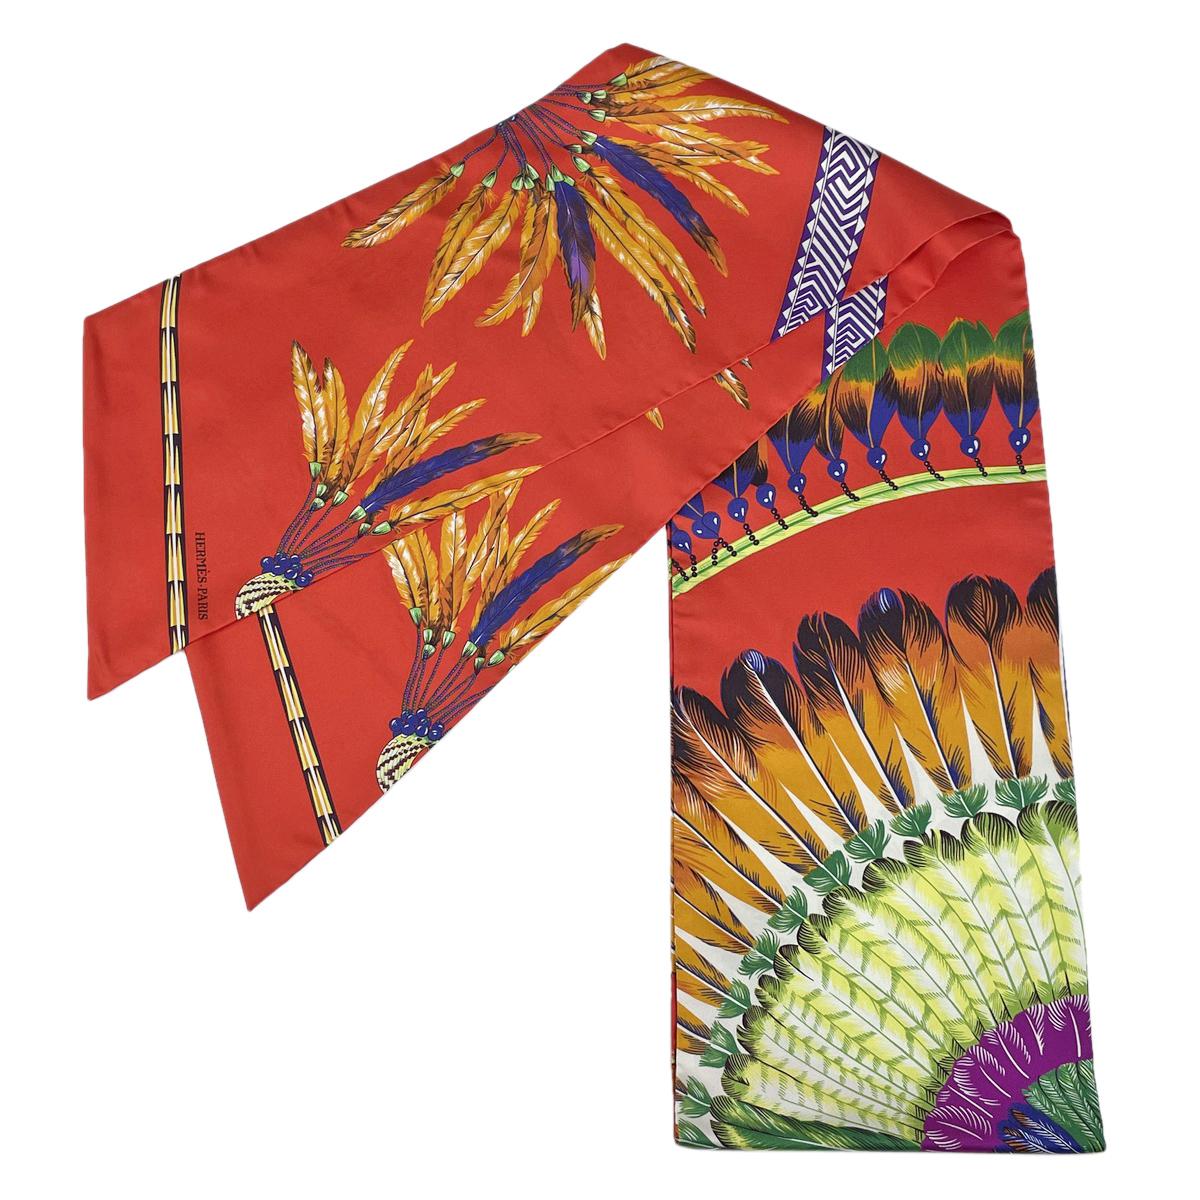 新色 USED 送料無料 エルメス HERMES 毎日続々入荷 ツイリー 羽根柄 ブラジル レッド フェザー マルチカラー スカーフ 中古 シルク レディース